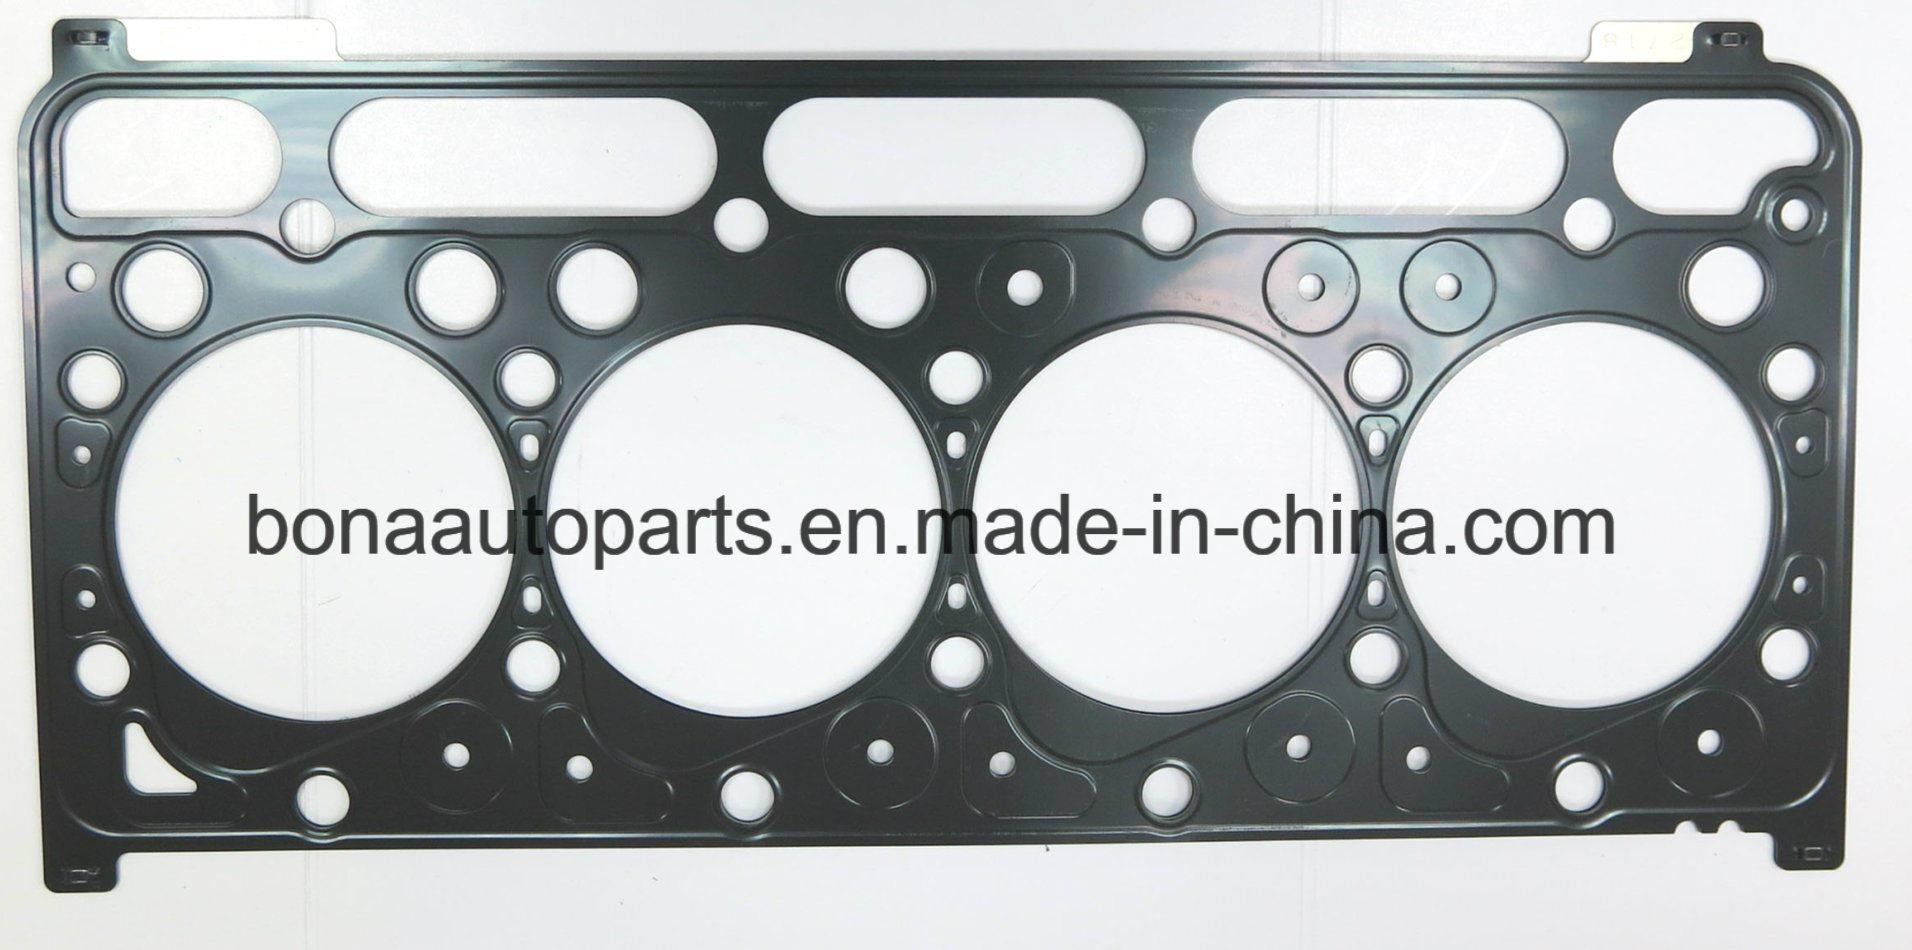 hight resolution of china kubota v1505 kubota v1505 manufacturers suppliers made in china com